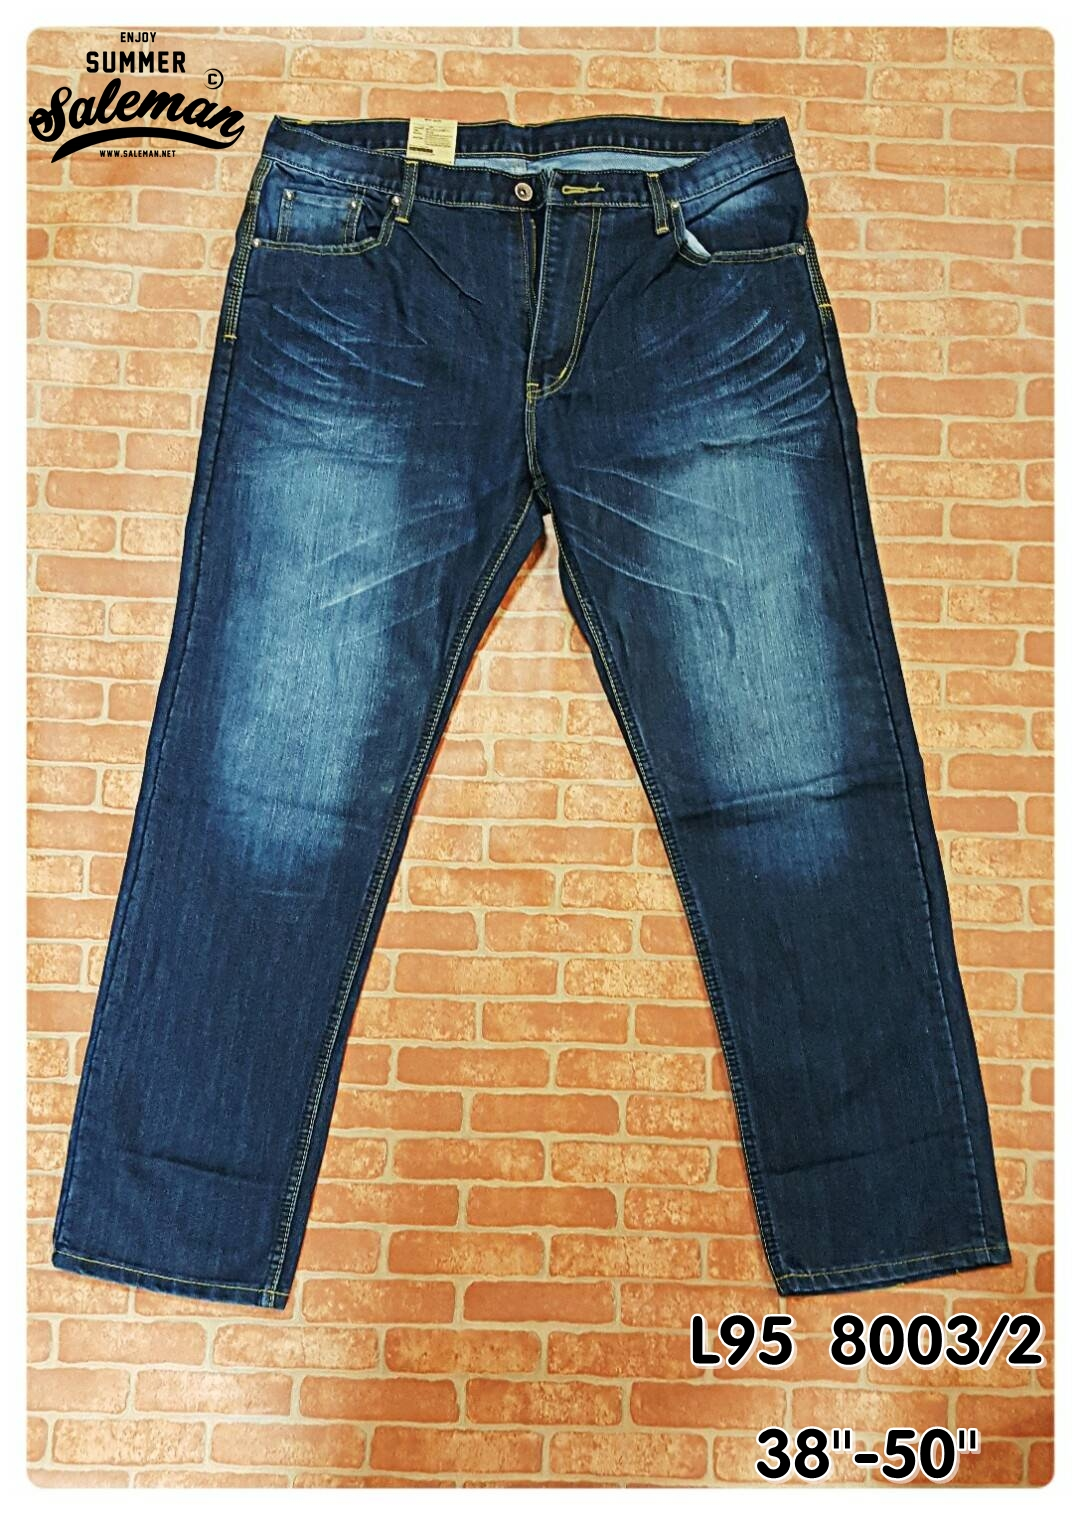 L95 8003/2 กางเกงยีนส์ขายาว ขายกางเกง กางเกงคนอ้วน เสื้อผ้าคนอ้วน กางเกงขายาว กางเกงเอวใหญ่